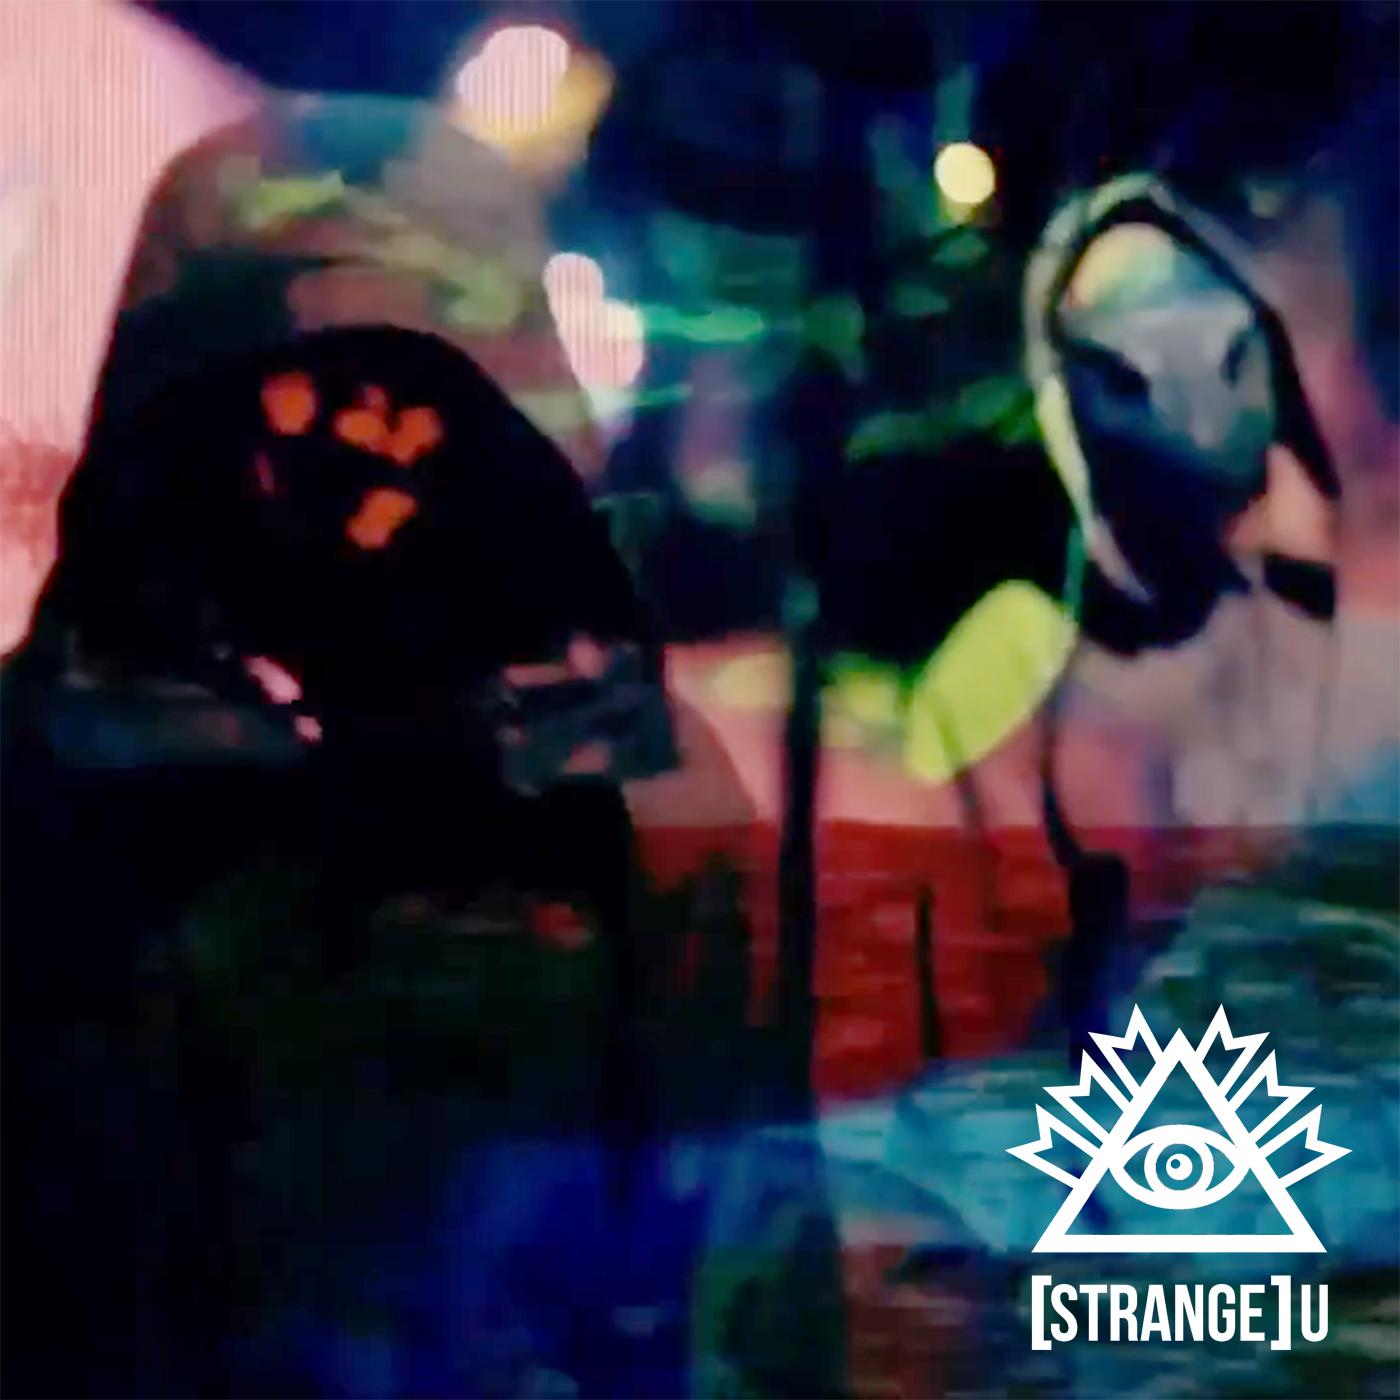 STRANGEU01-COVER